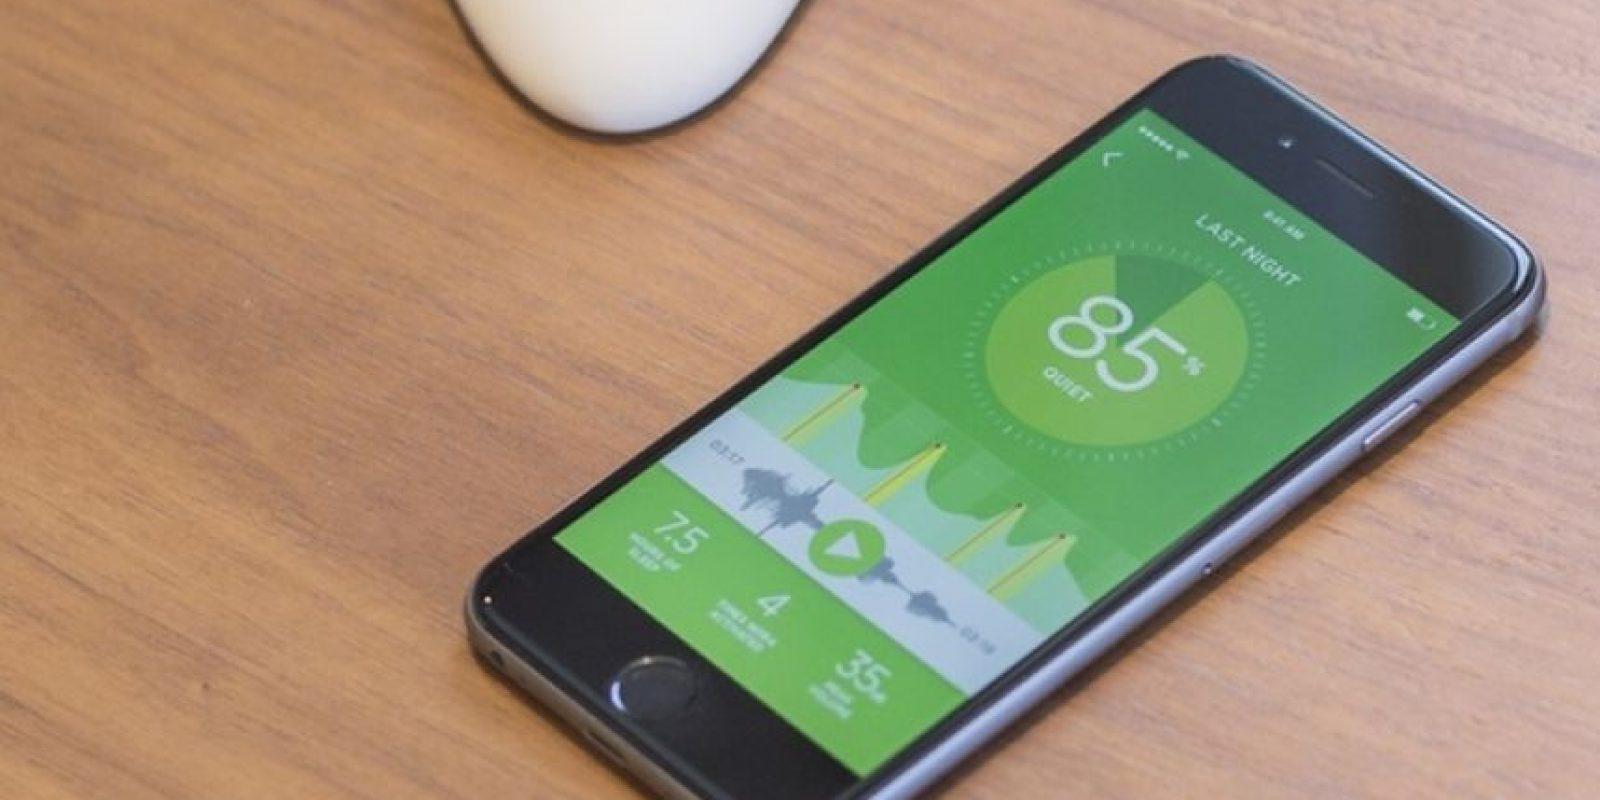 Y funciona en conjunto con una app. Foto: Smart Nora Inc.